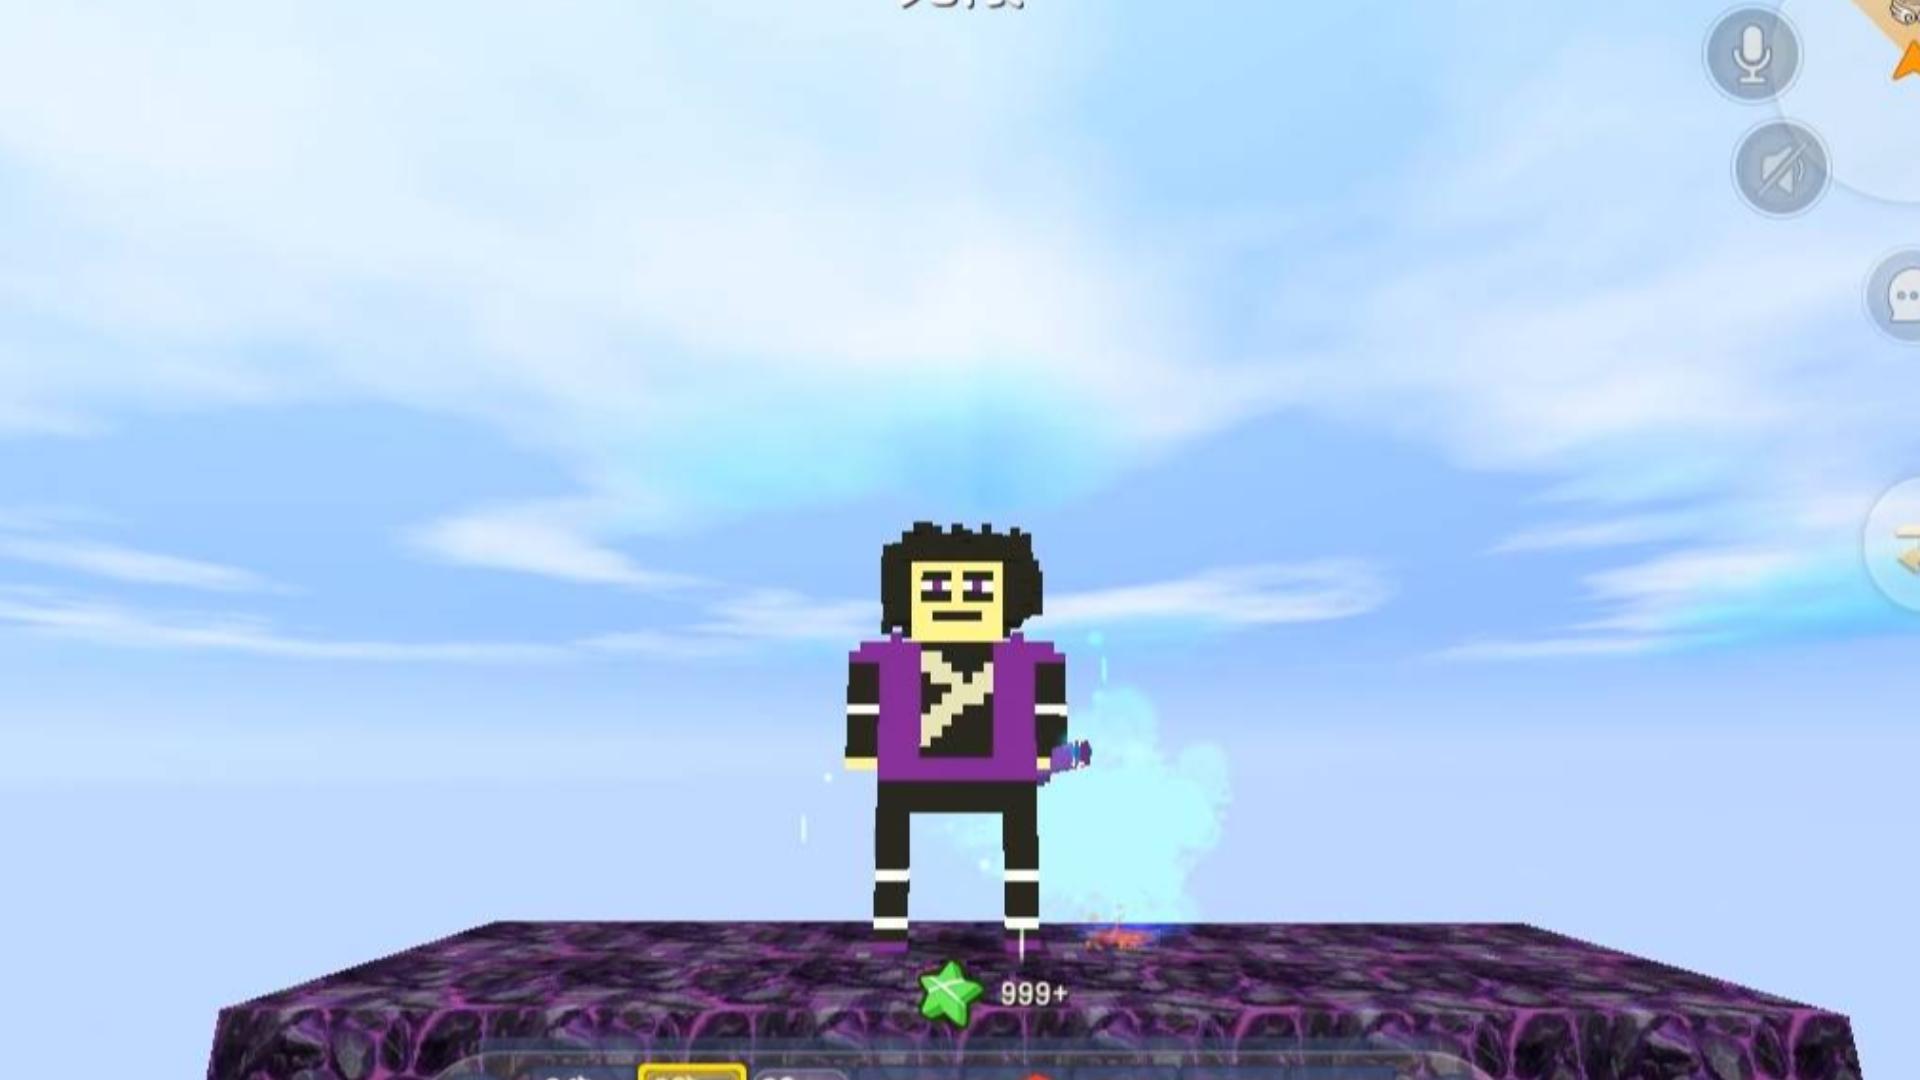 迷你世界:魔刀千刃两种跑酷,谁先跑到终点就可以变身刺客柒,半仙势在必得